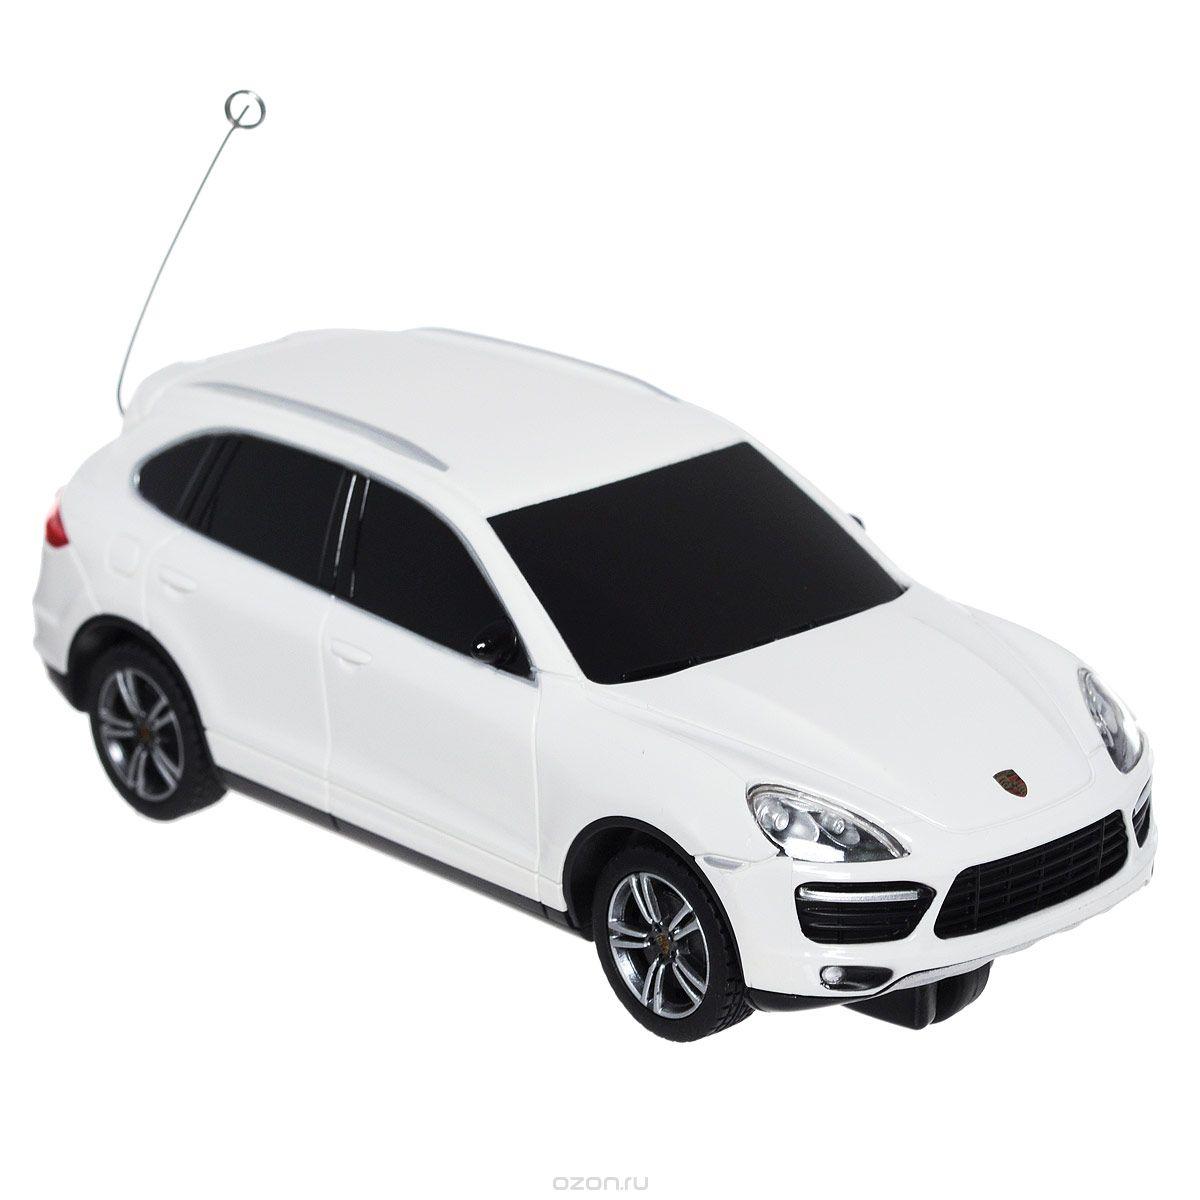 Rastar Радиоуправляемая модель Porsche Cayenne цвет белый